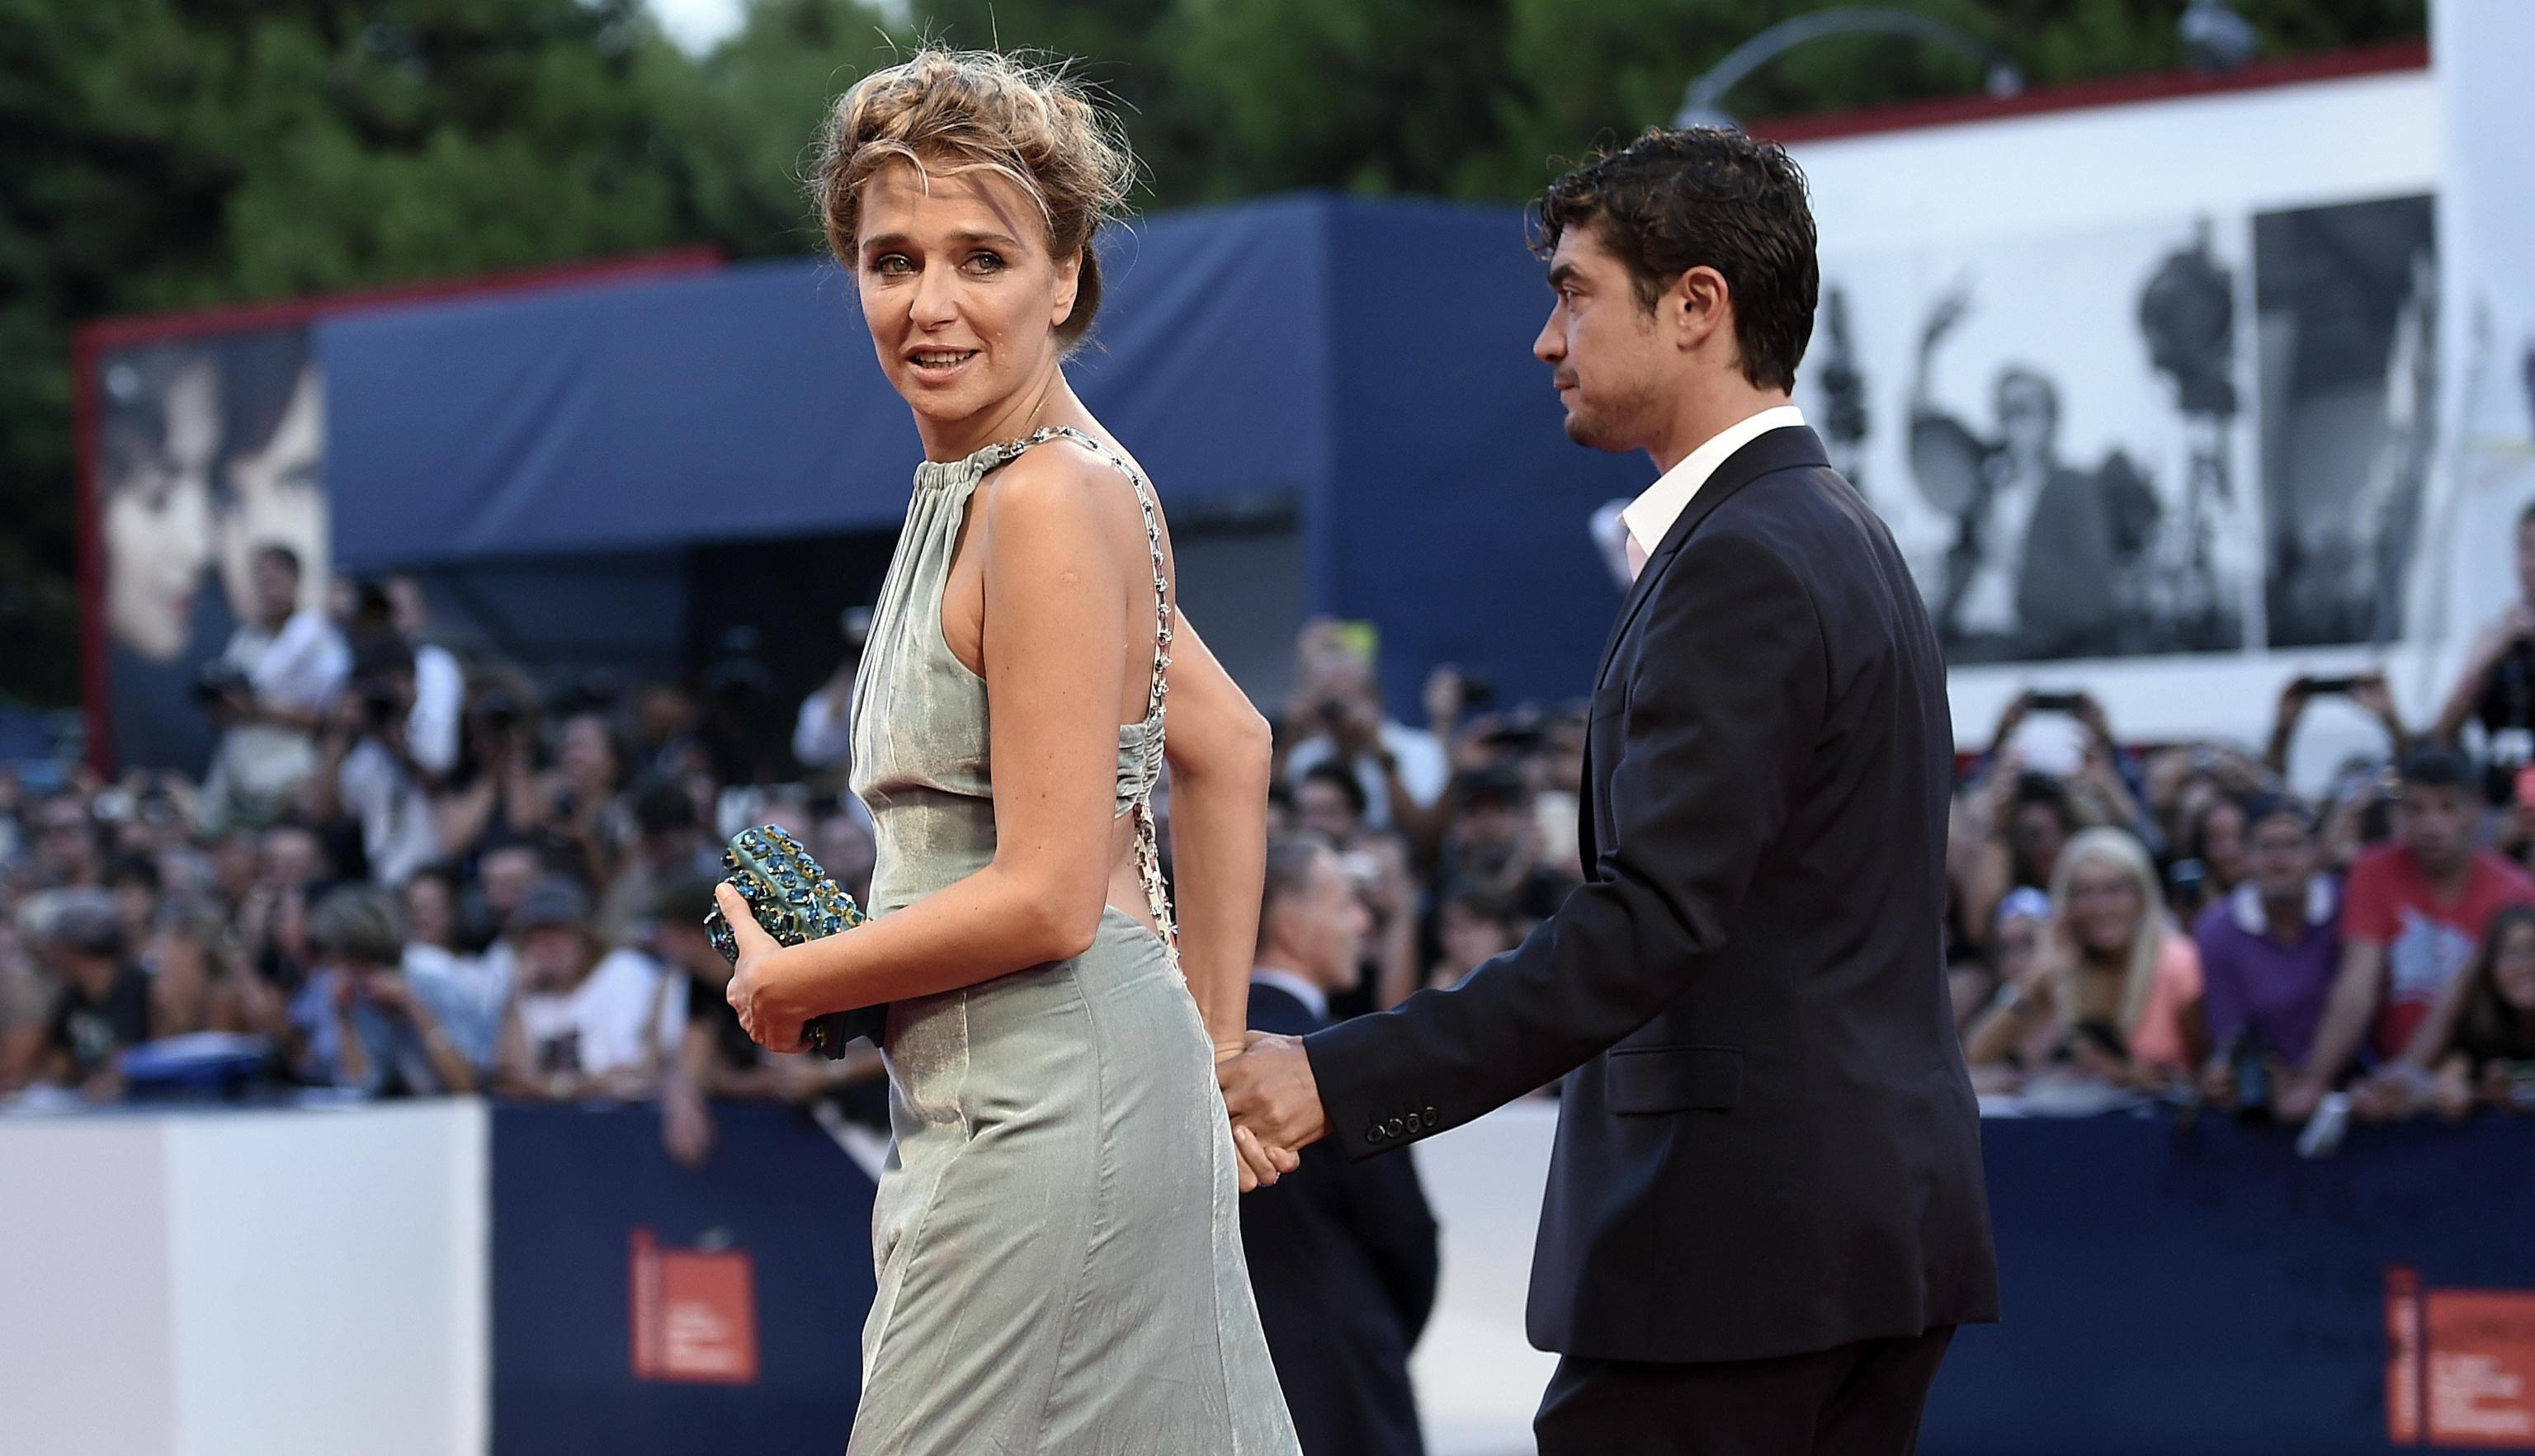 Riccardo Scamarcio e Valeria Golino inseparabili: sono di nuovo una coppia?